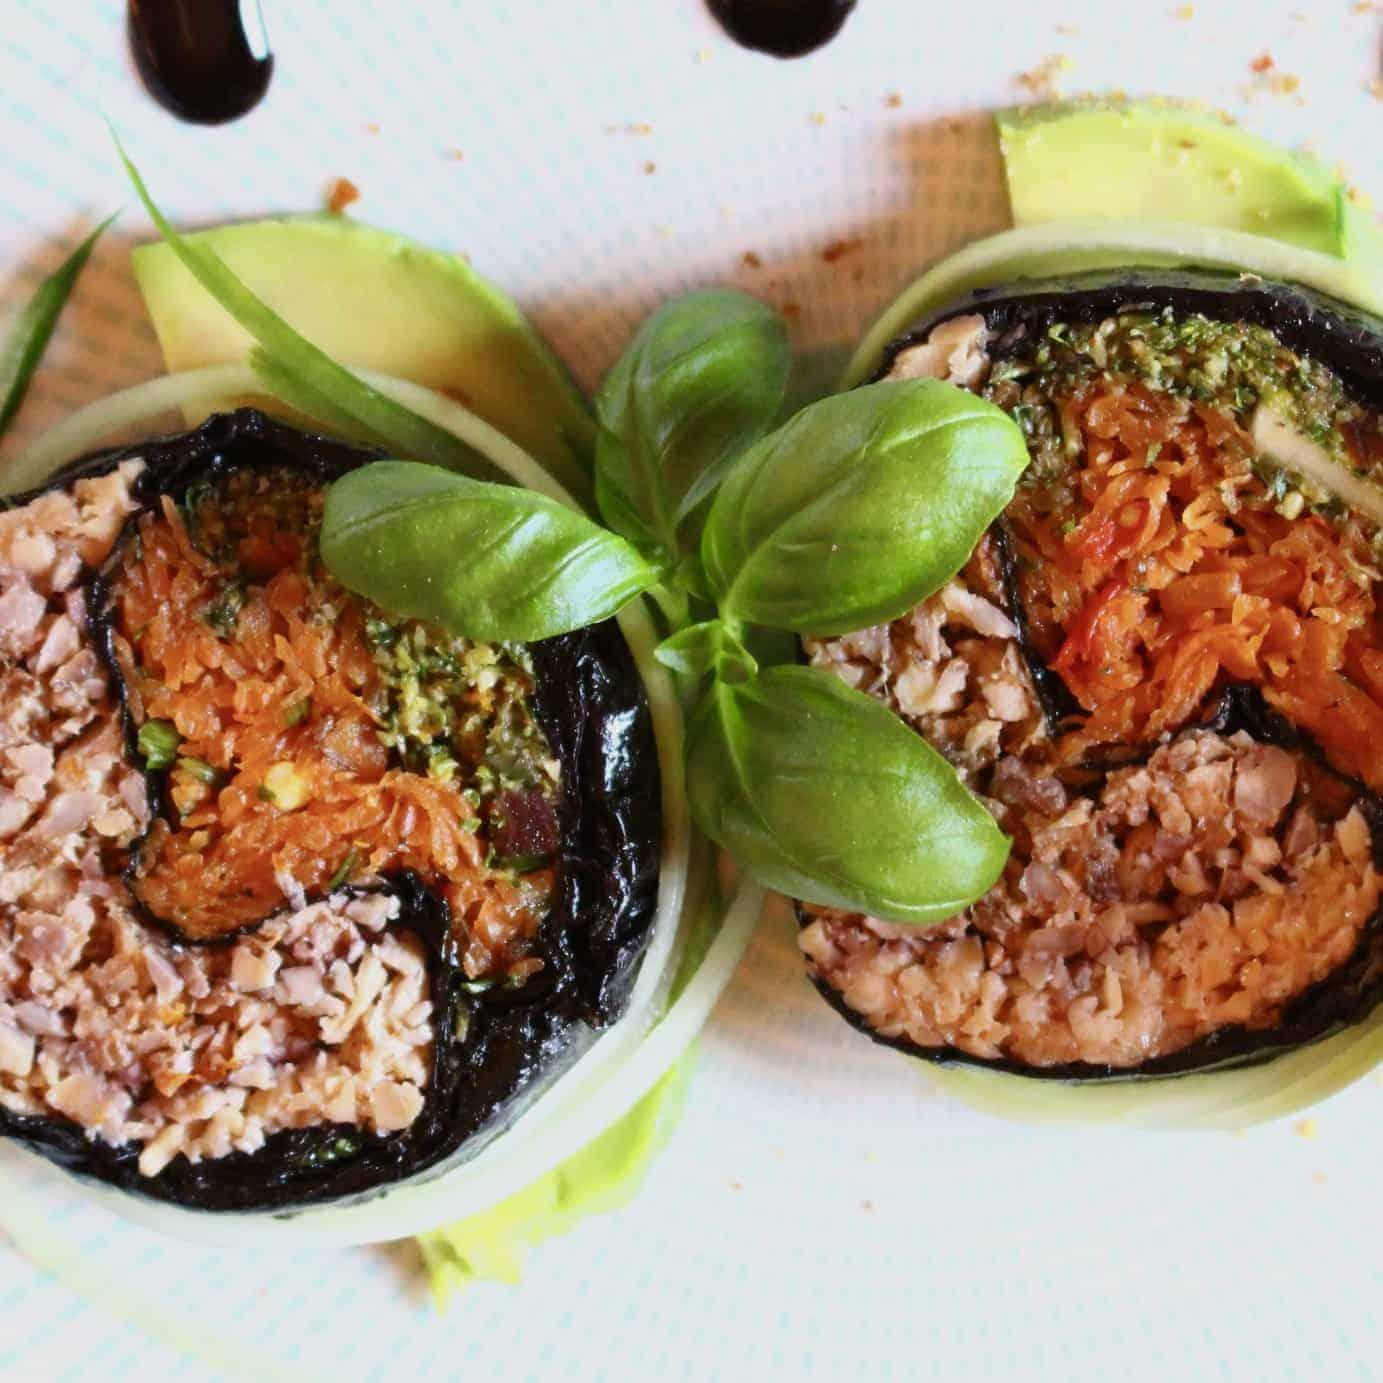 Restaurant Review: TWID Battersea's Vegan Menu